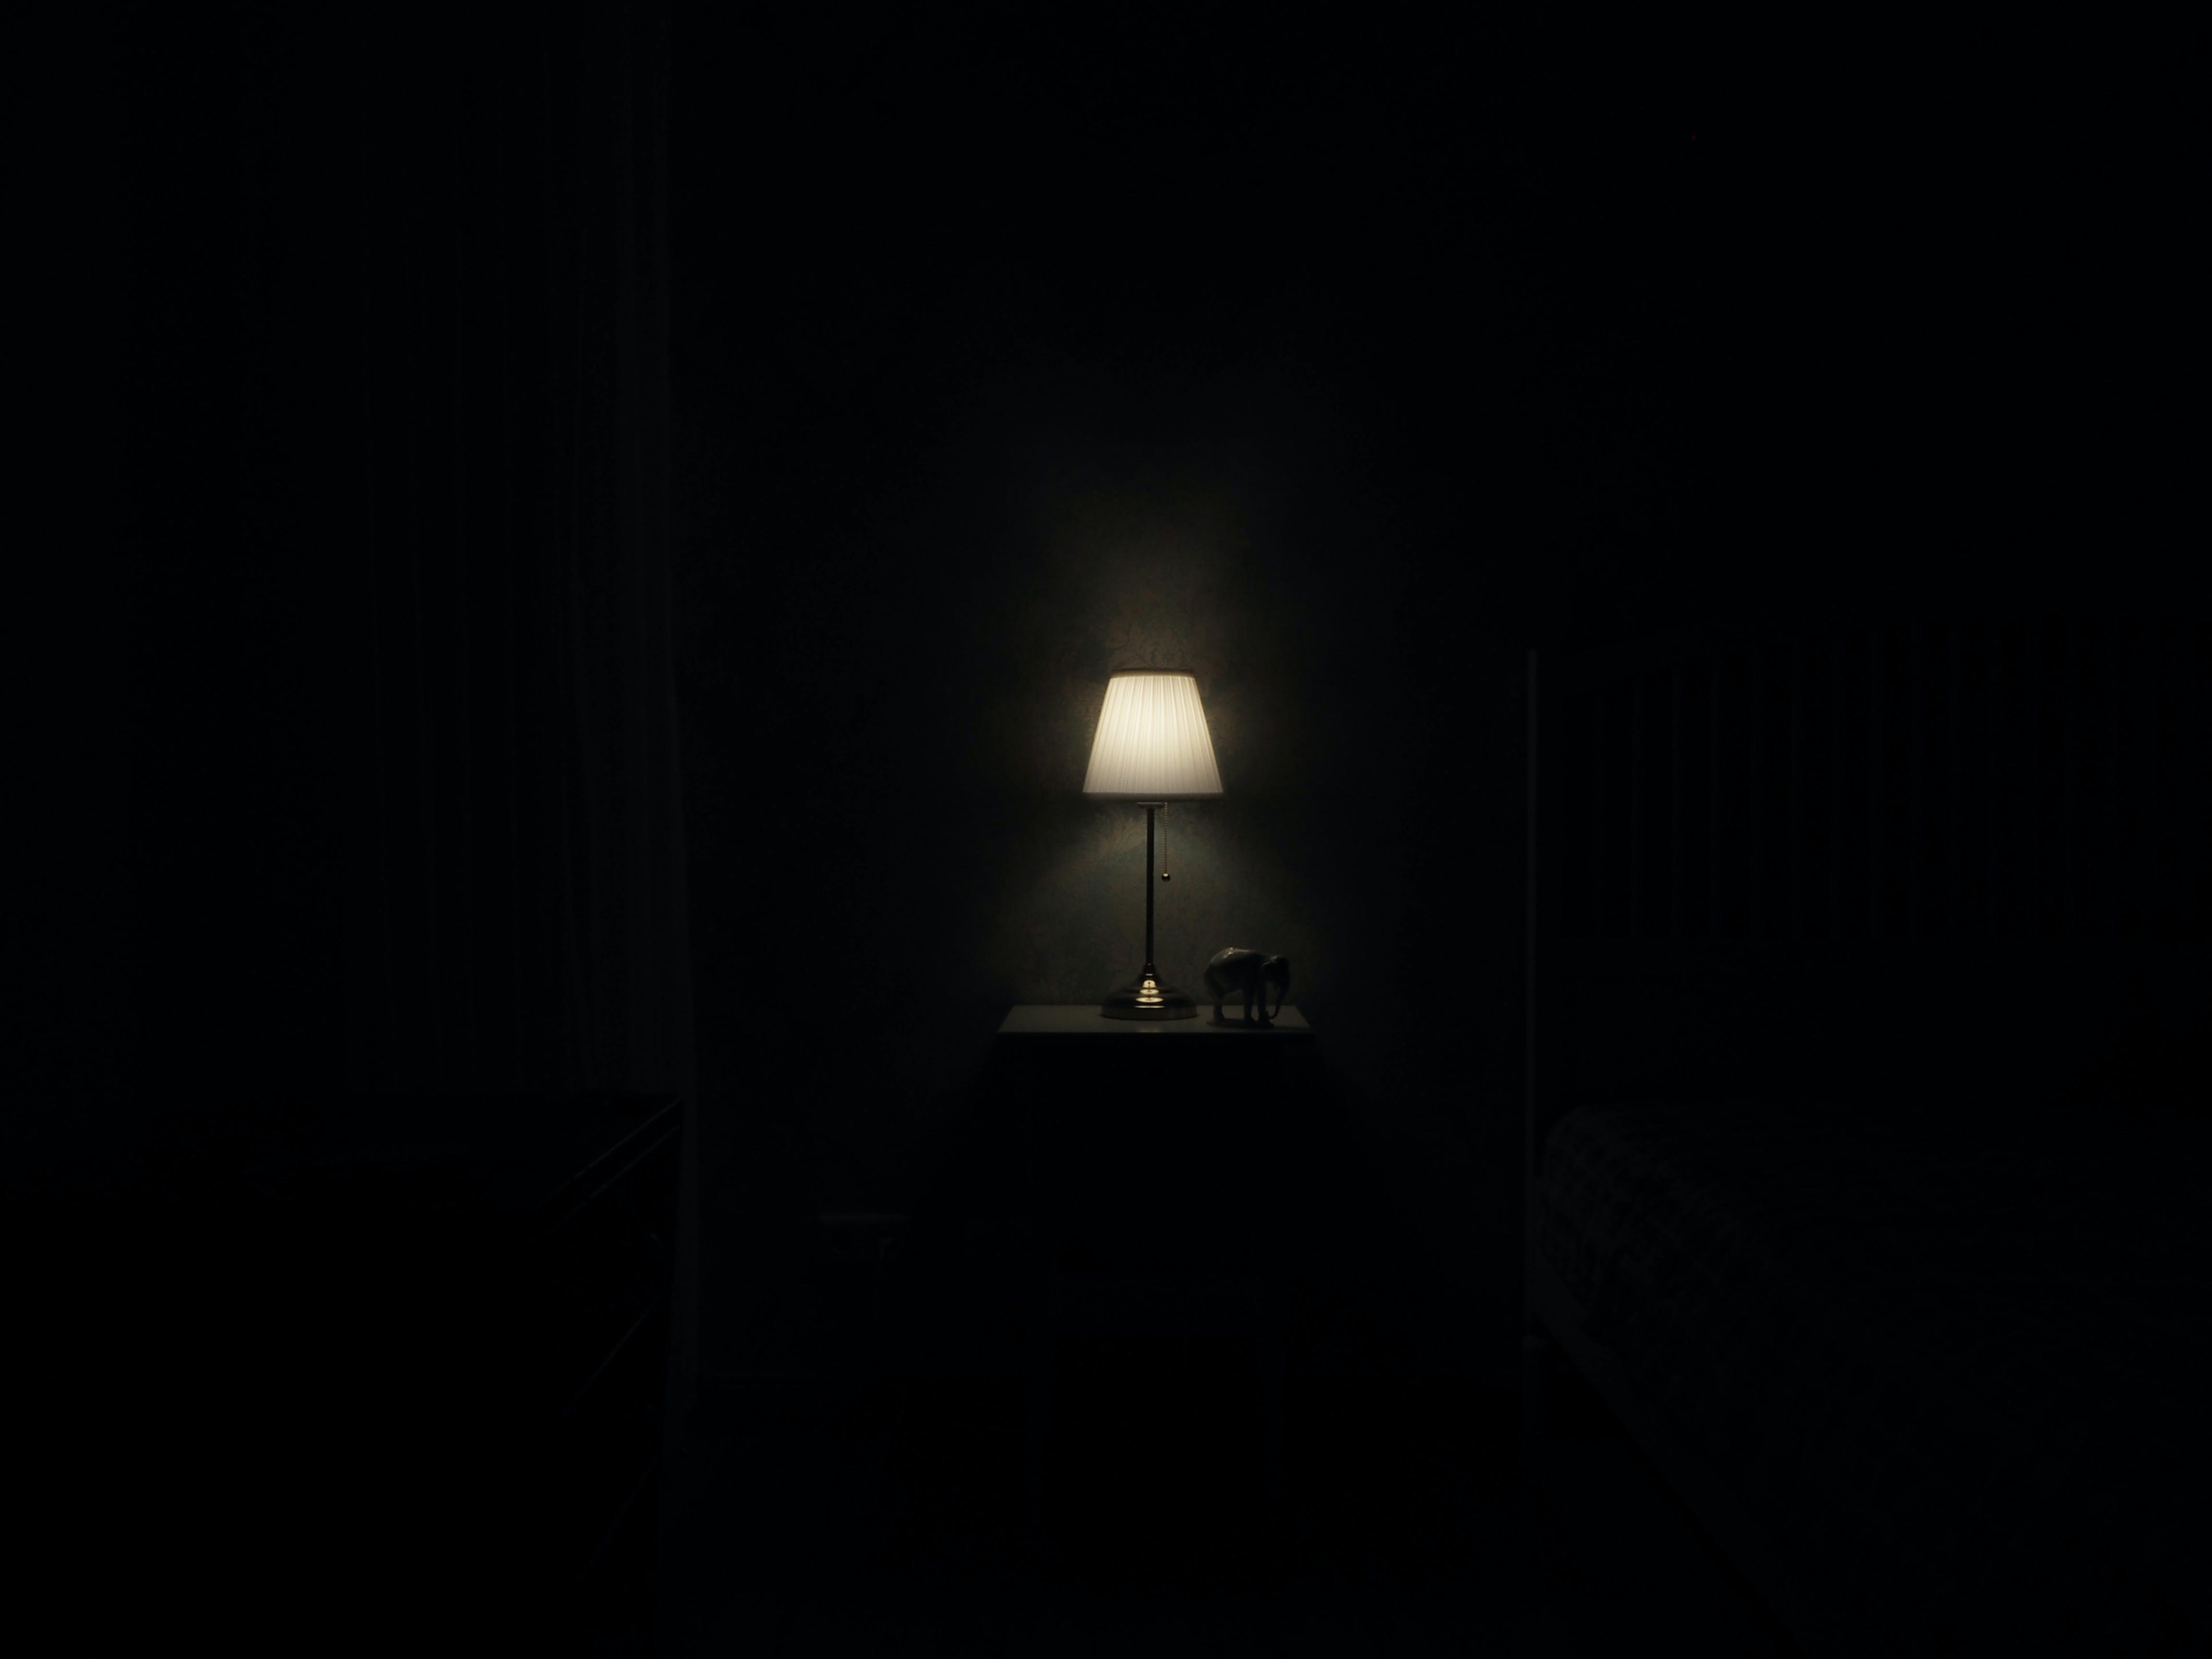 beleuchtet, drinnen, dunkel